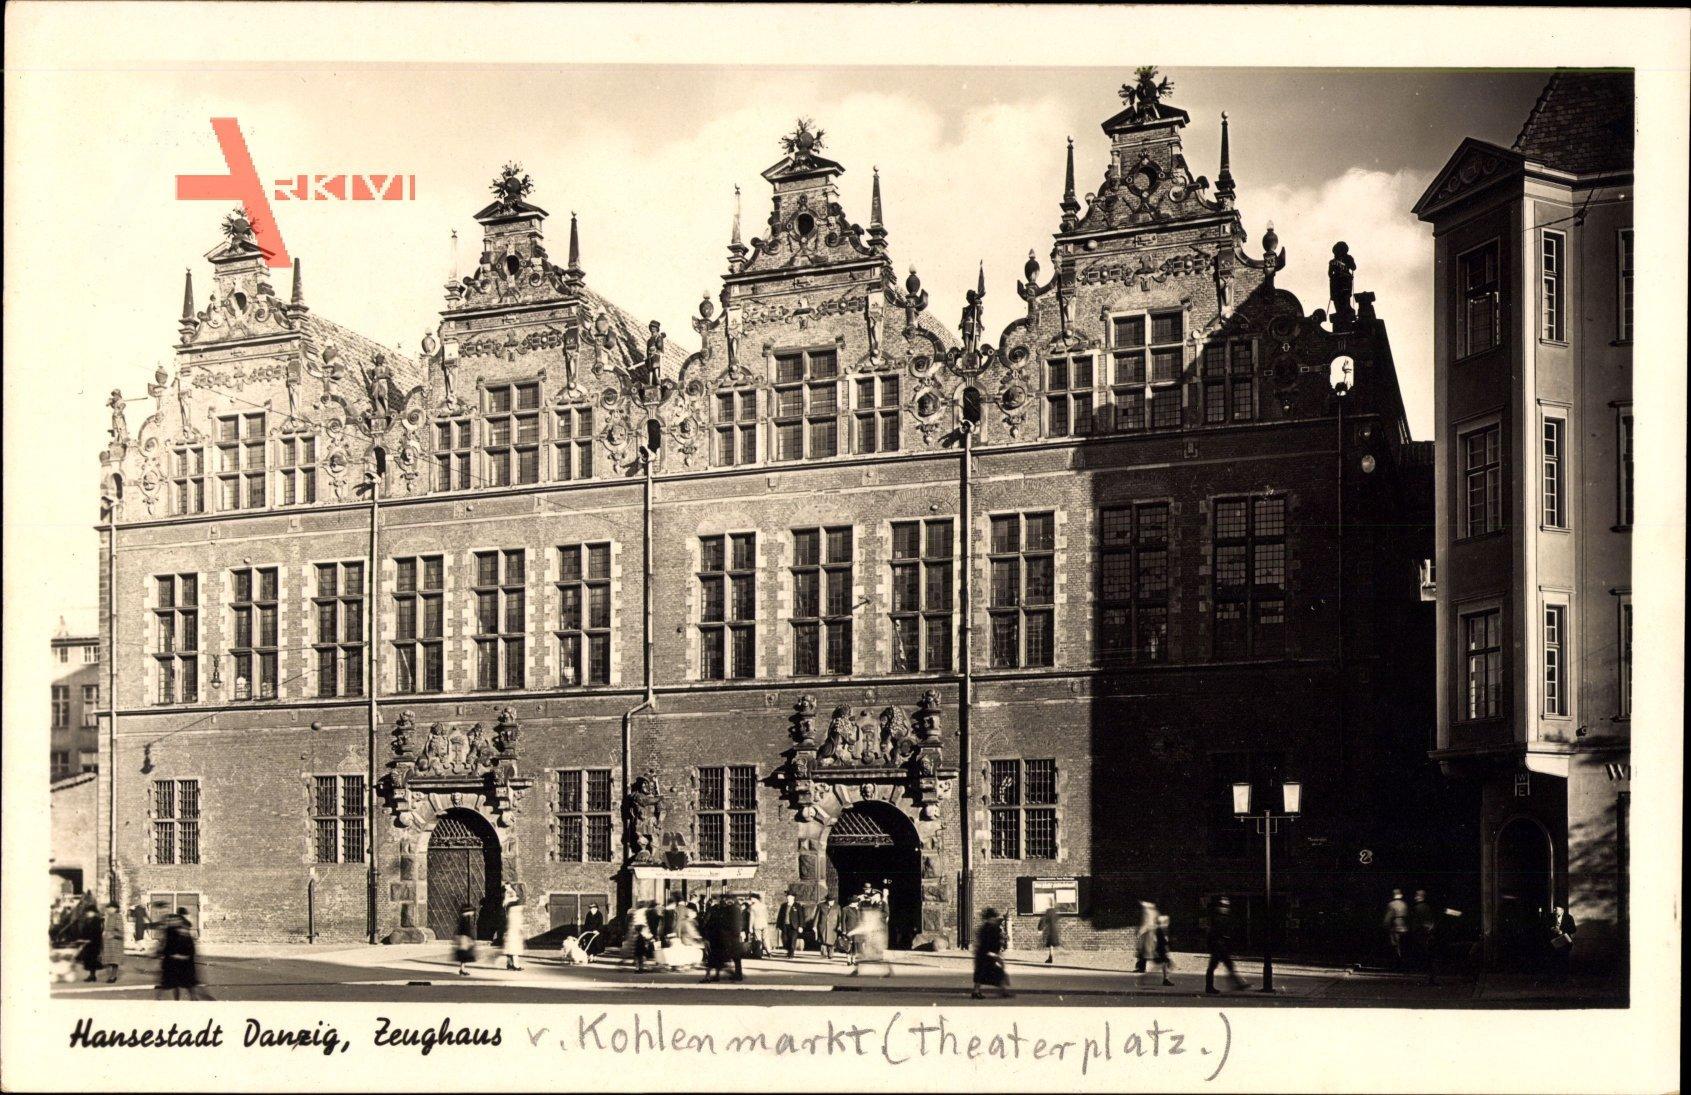 Gdańsk Danzig, Blick auf das Zeughaus am Theaterplatz, Fassade, Tor